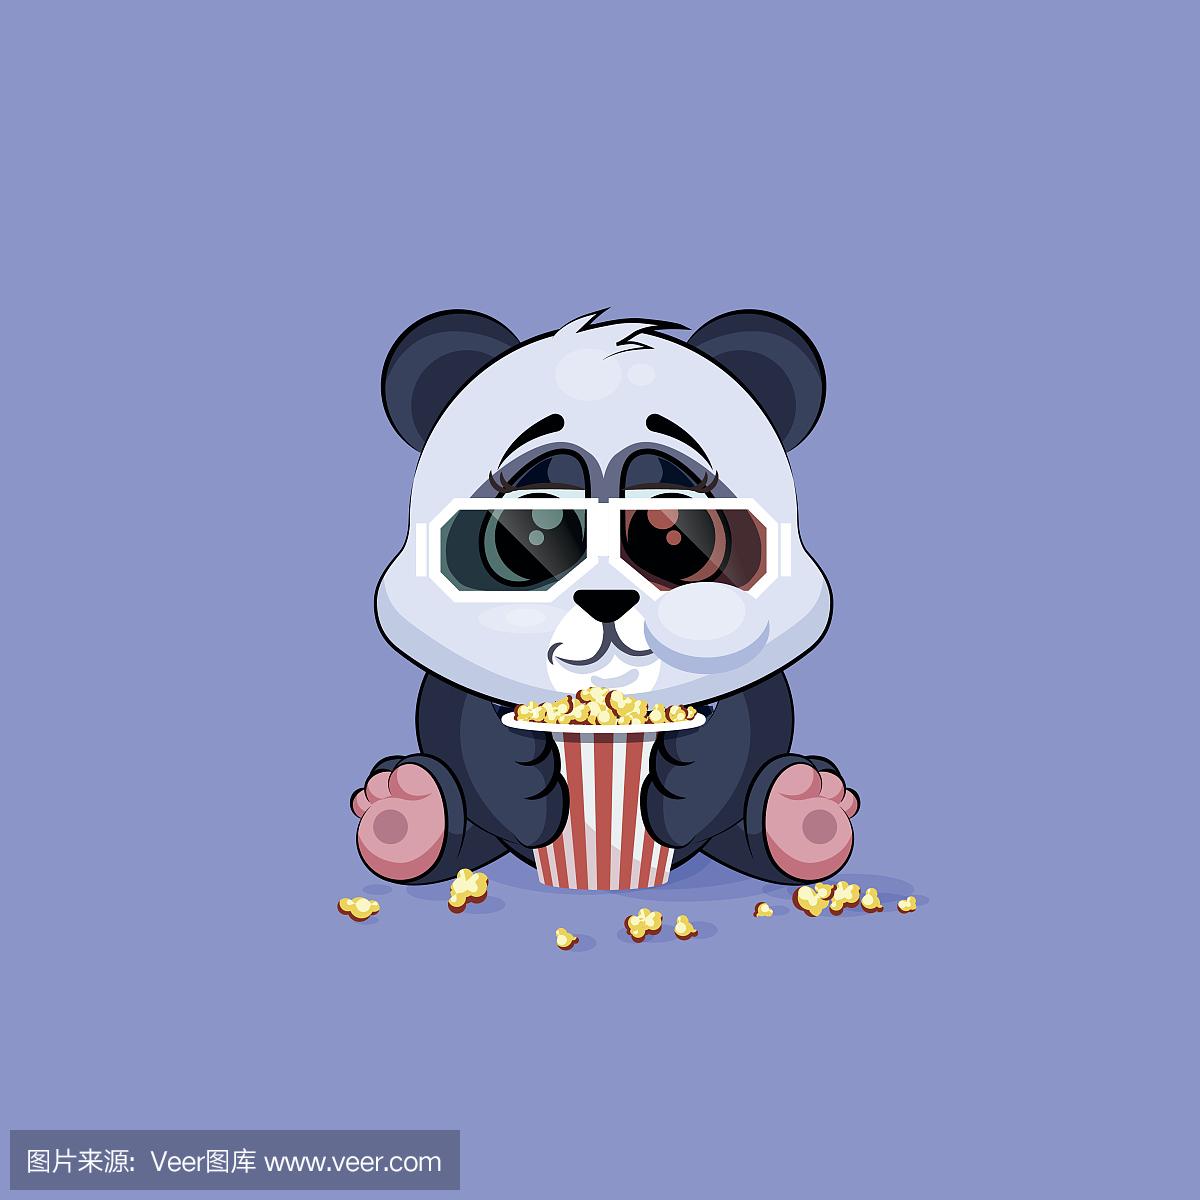 熊猫动态壁纸app手机版-熊猫动态壁纸下载 1.5.2... - 河东手机站